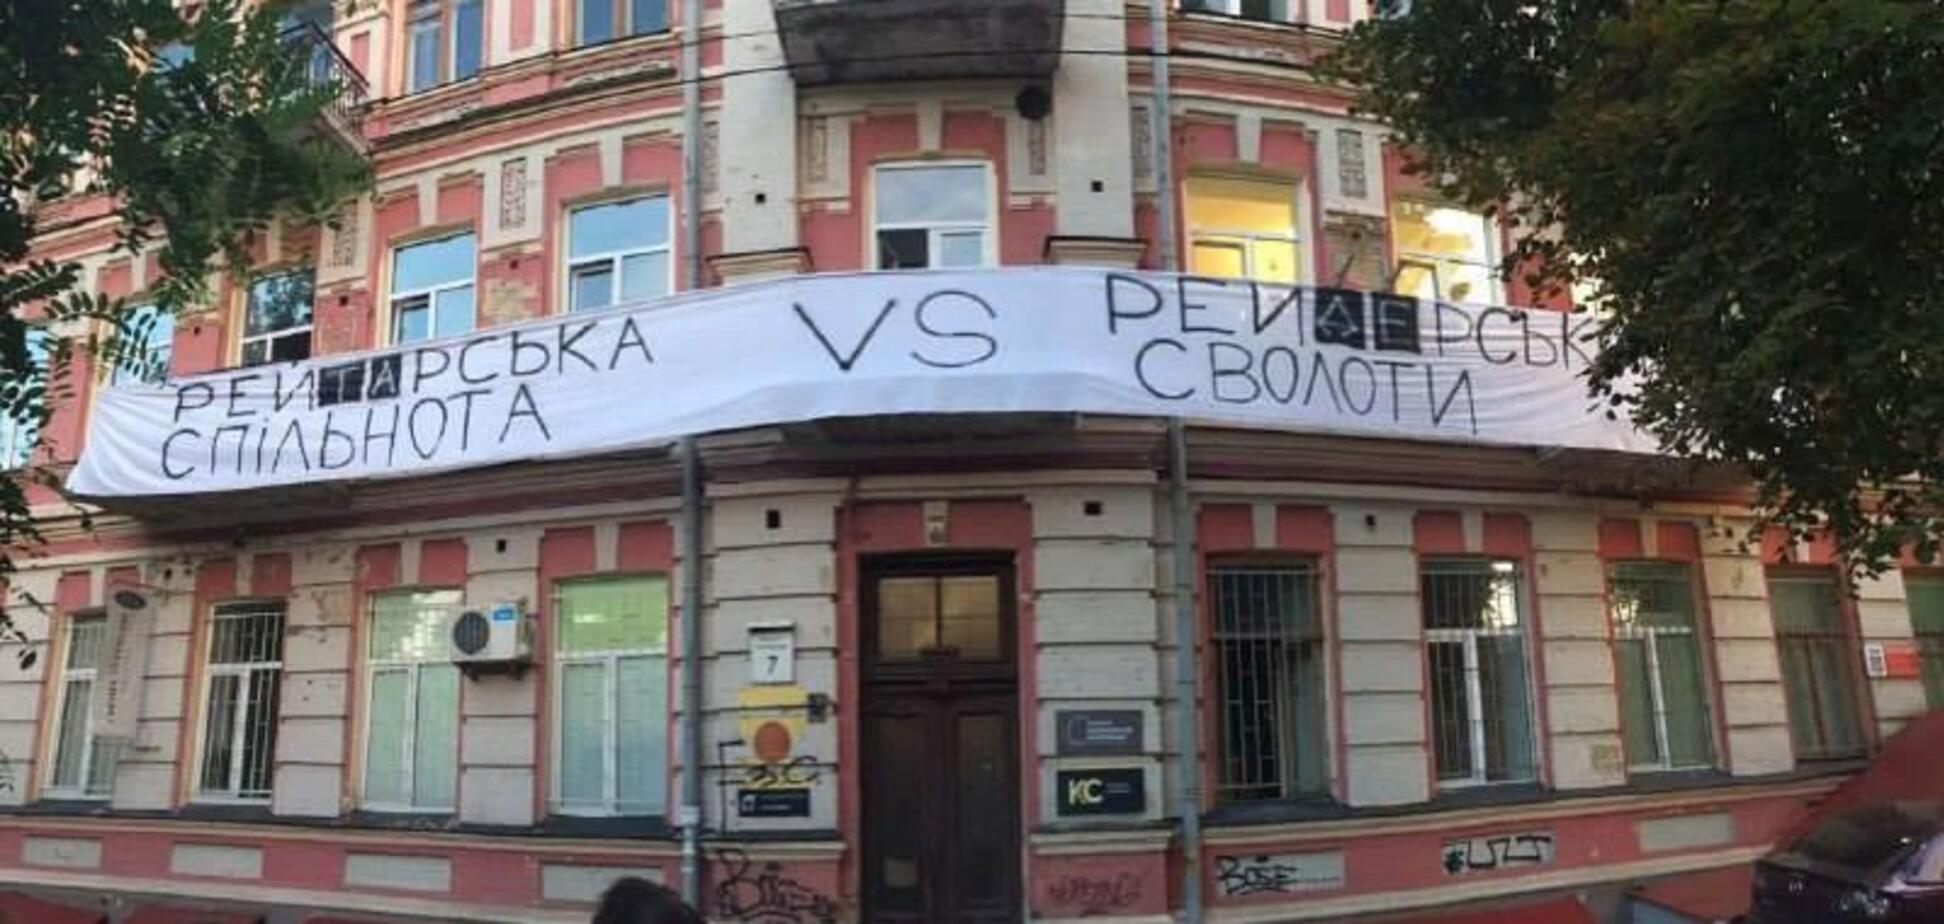 Активісти розповсюджували фейкову інформацію про плани забудови Рейтарської — КМДА